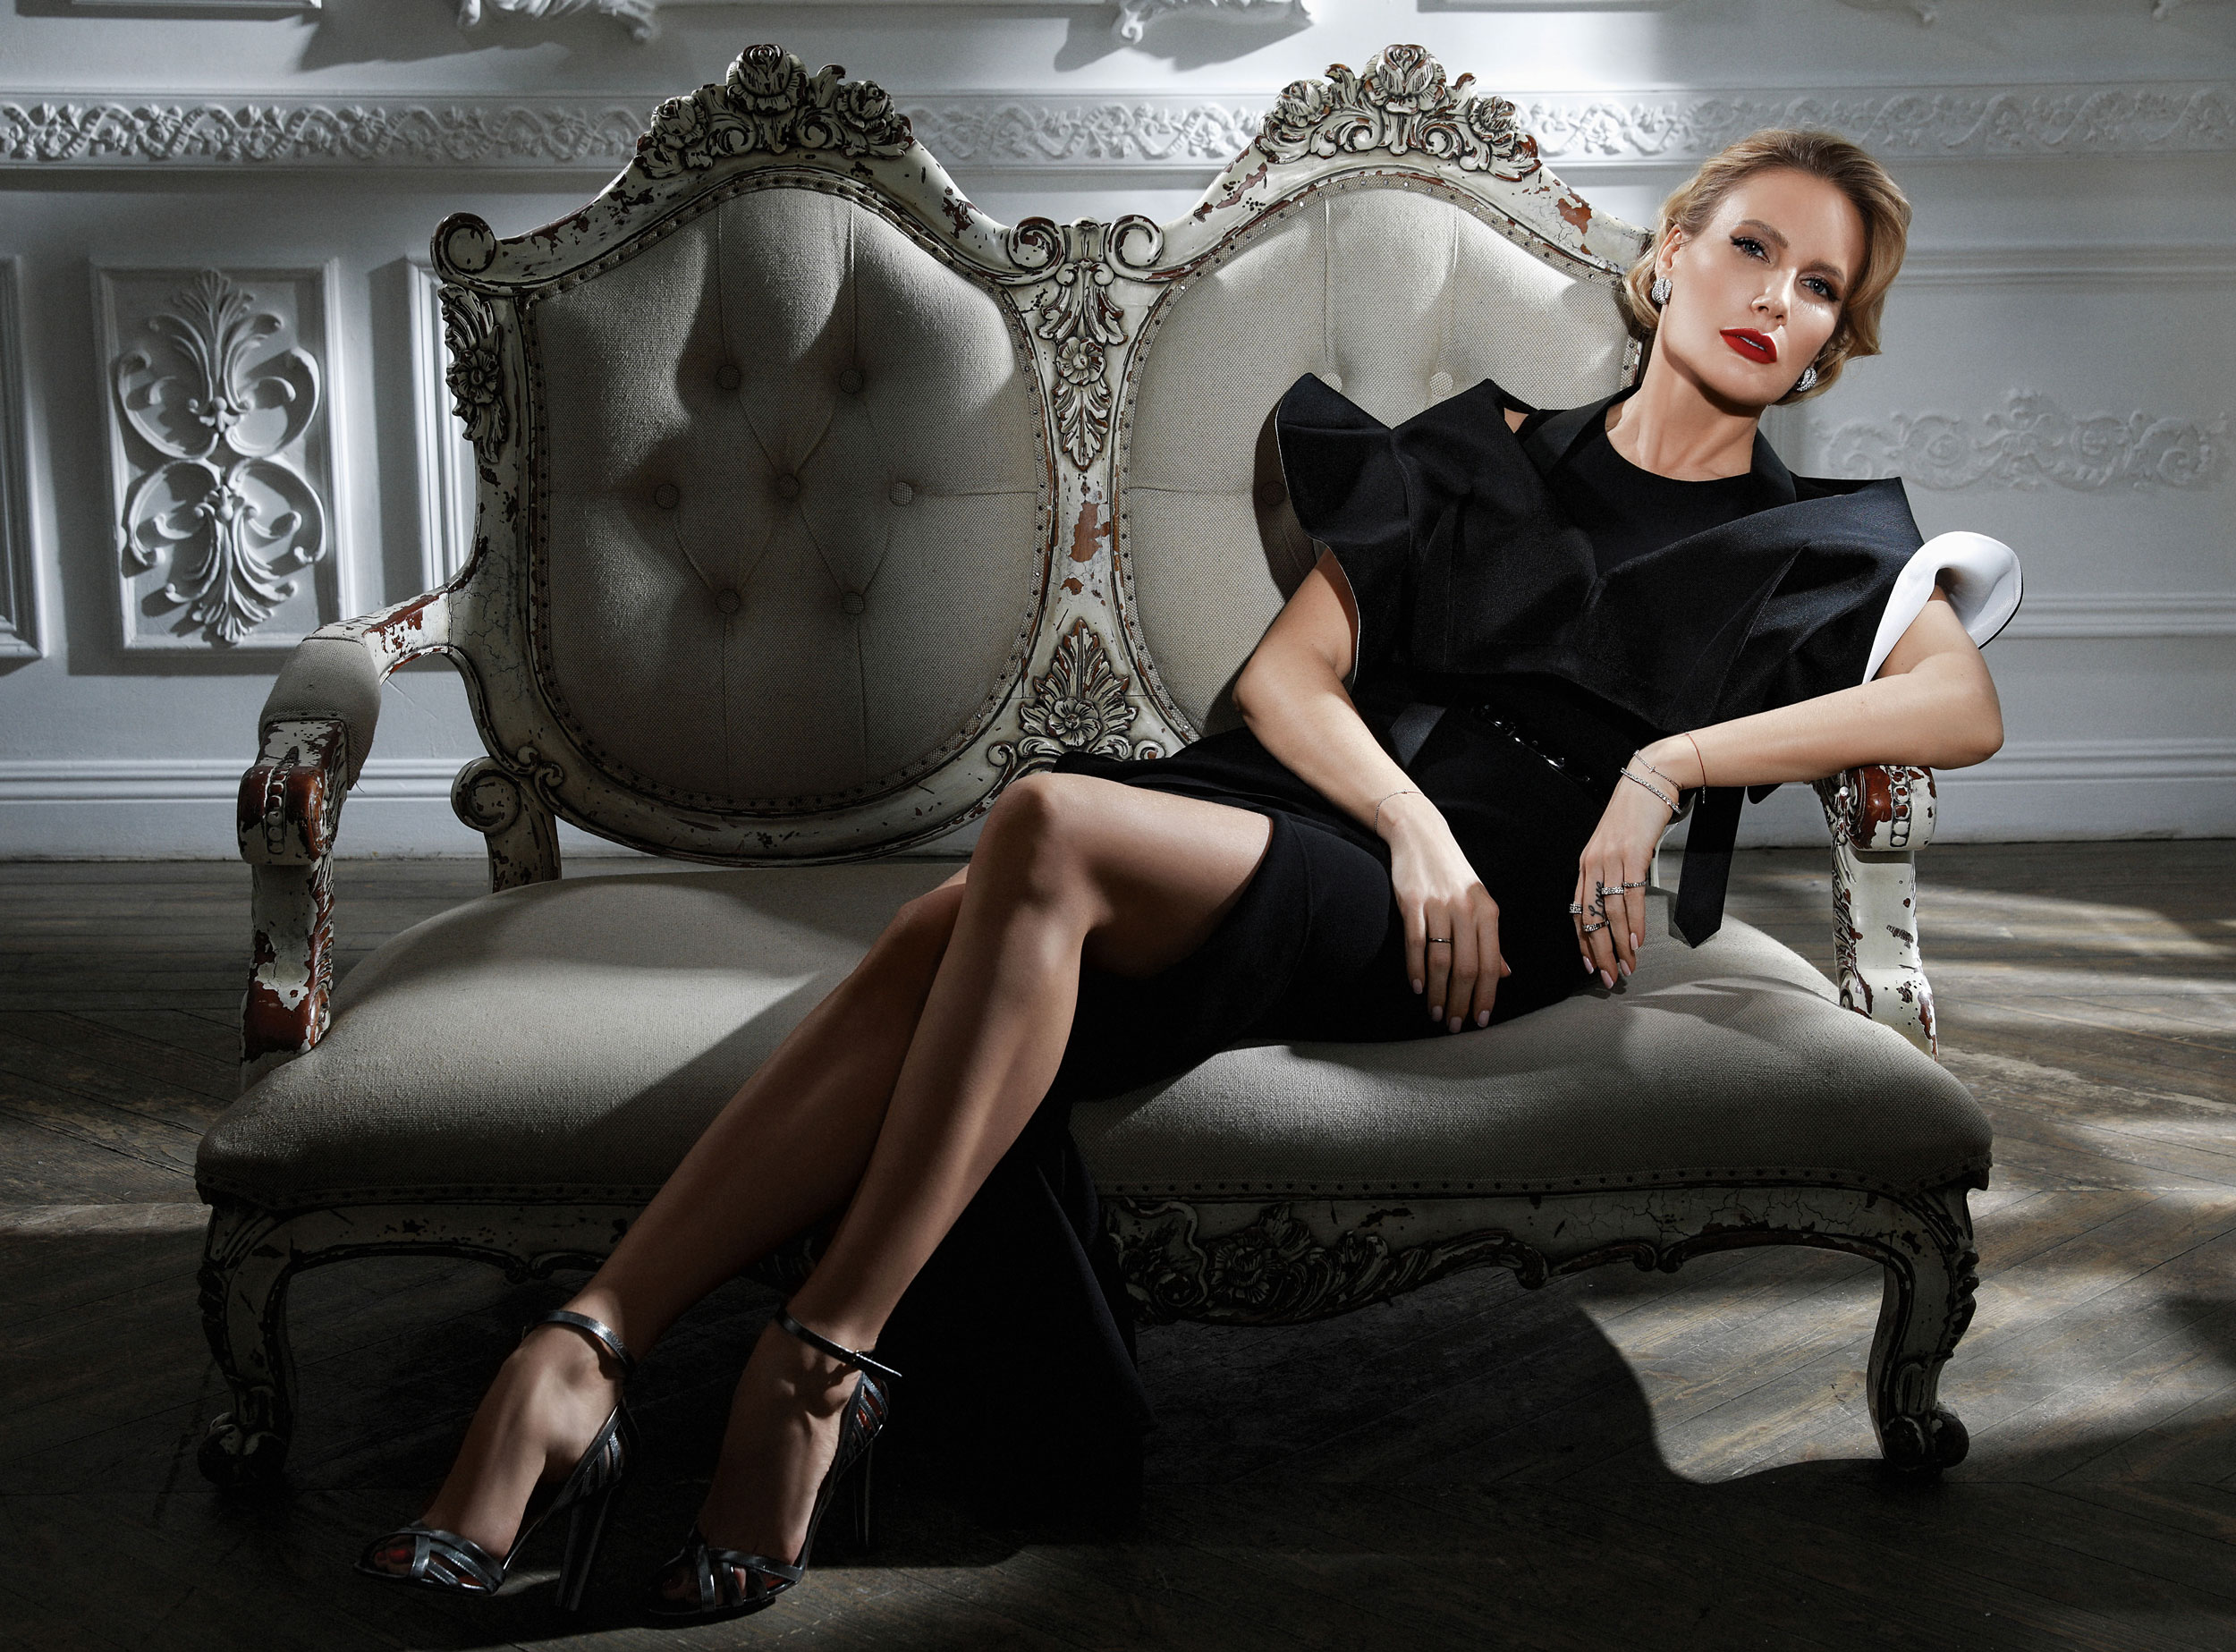 Платье  Michael Kors,  болеро Louis Vuitton, серьги, браслет икольца Belle Epoque Damiani, туфли Casadei